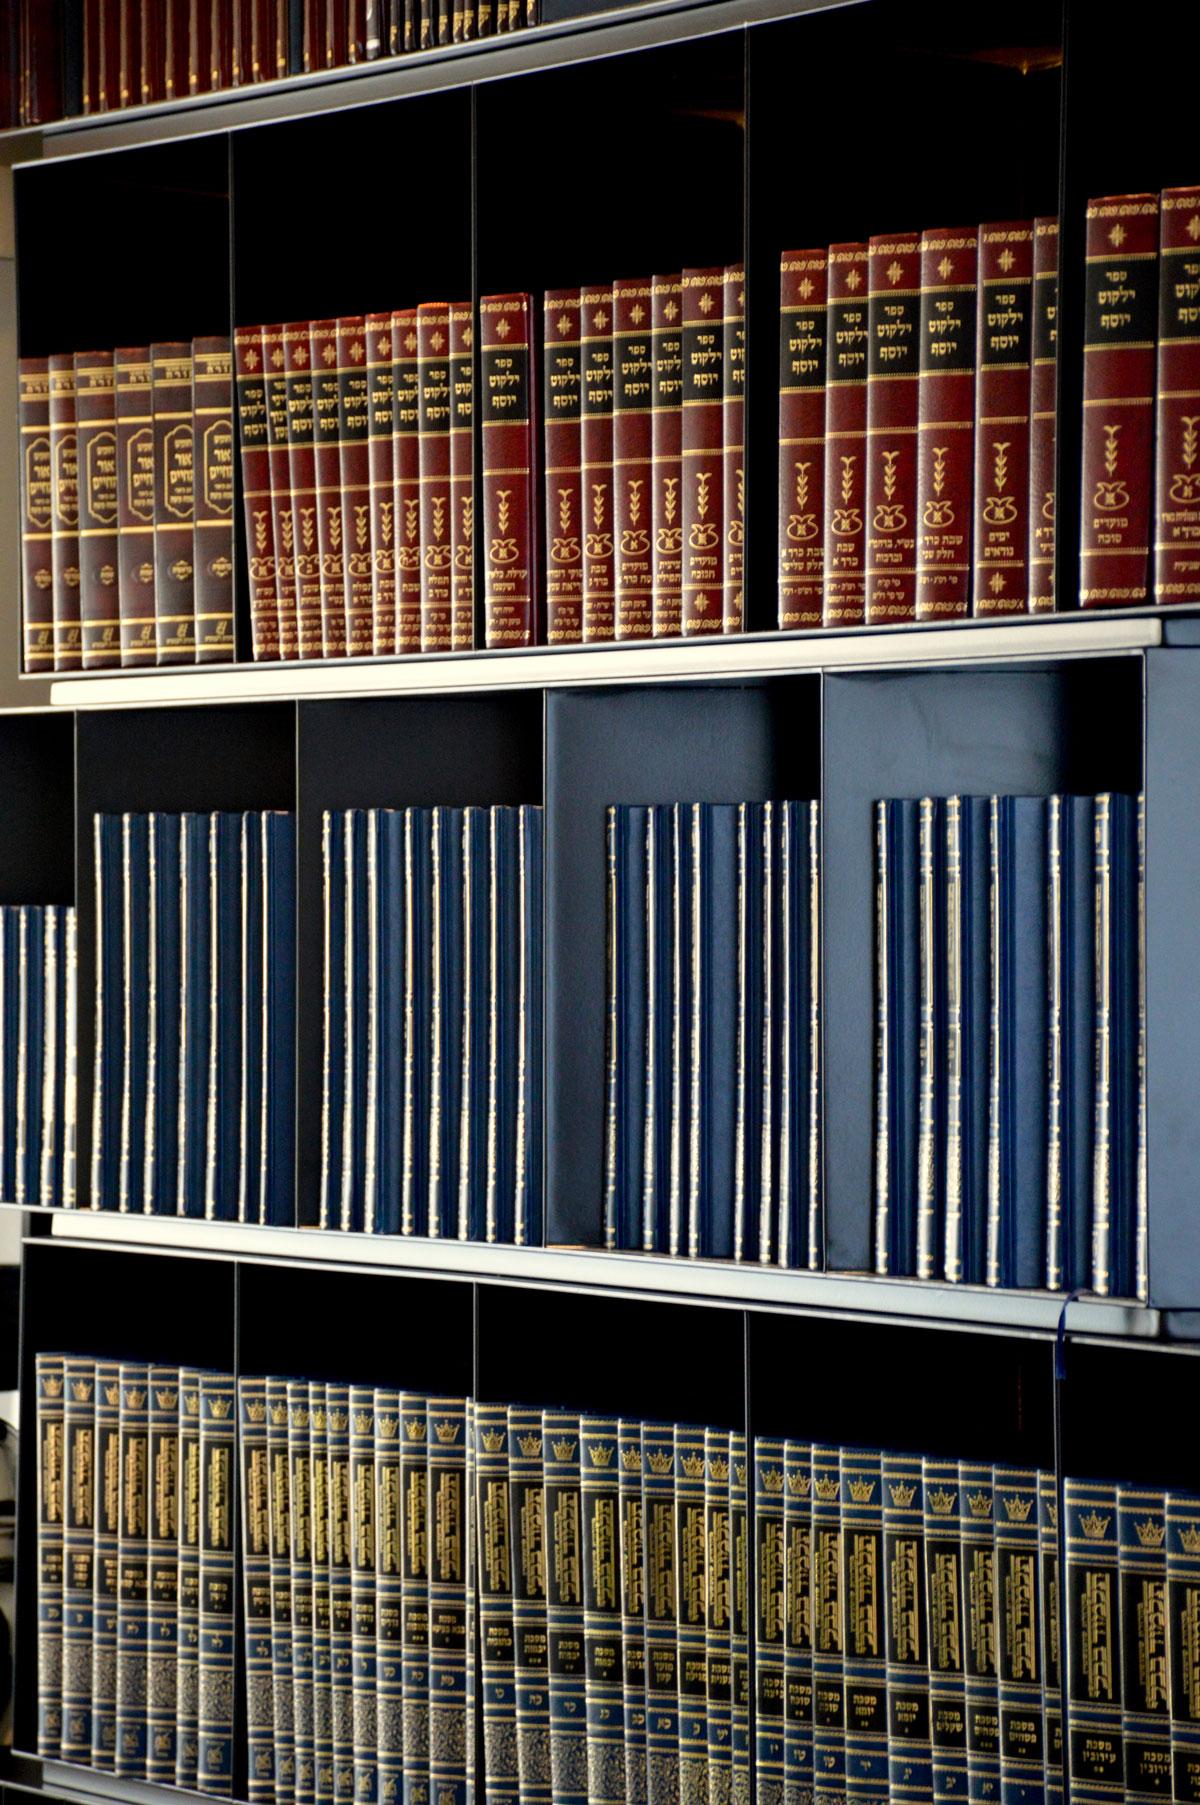 ספריה לספרי קודש